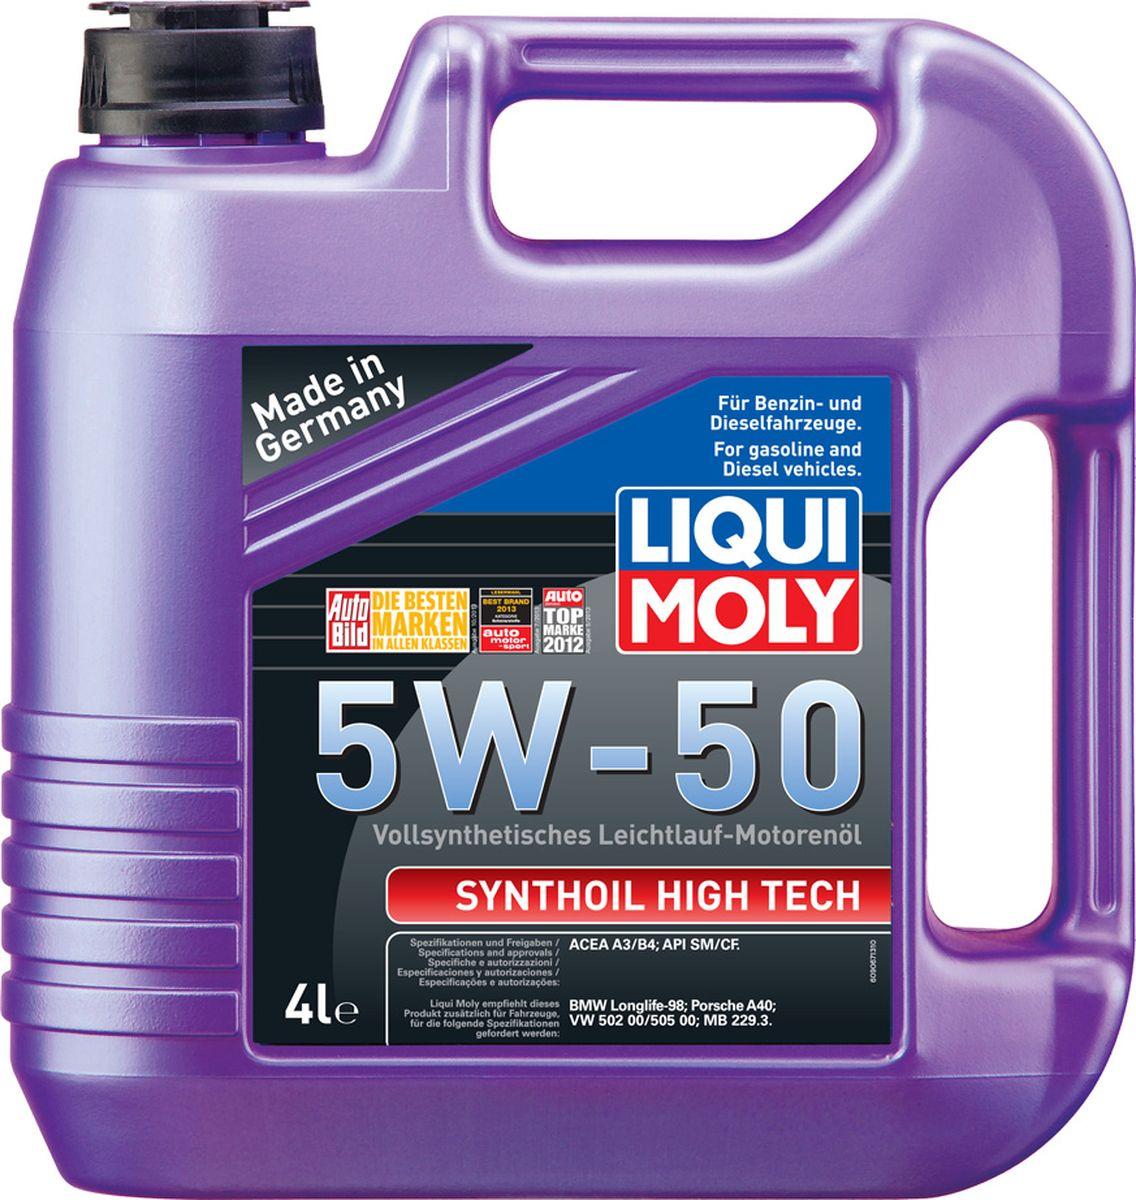 Масло моторное Liqui Moly Synthoil High Tech, синтетическое, 5W-50, 4 л9067Масло моторное Liqui Moly Synthoil High Tech - 100% синтетическое универсальное моторное масло на базе полиальфаолефинов (ПАО) для большинства автомобилей, для которых требования к маслам опираются на международные классификации API и ACEA. В сочетании с вязкостью 5W-50 моторное масло обеспечивает надежную защиту двигателя в нагруженном высокотемпературном режиме: в жарких условиях, пробках, при агрессивном стиле вождения. Использование современных, полностью синтетических базовых масел (ПАО) и передовых технологий в области разработок присадок гарантирует низкую вязкость масла при низких температурах, высокую надежность масляной пленки. Моторные масла линейки Synthoil предотвращают образование отложений в двигателе, снижают трение и надежно защищают от износа. Особенности: - Очень высокая стабильность к повышенным эксплуатационным температурам - Очень низкий расход масла - Быстрое поступление масла ко всем деталям двигателя при низких температурах ...